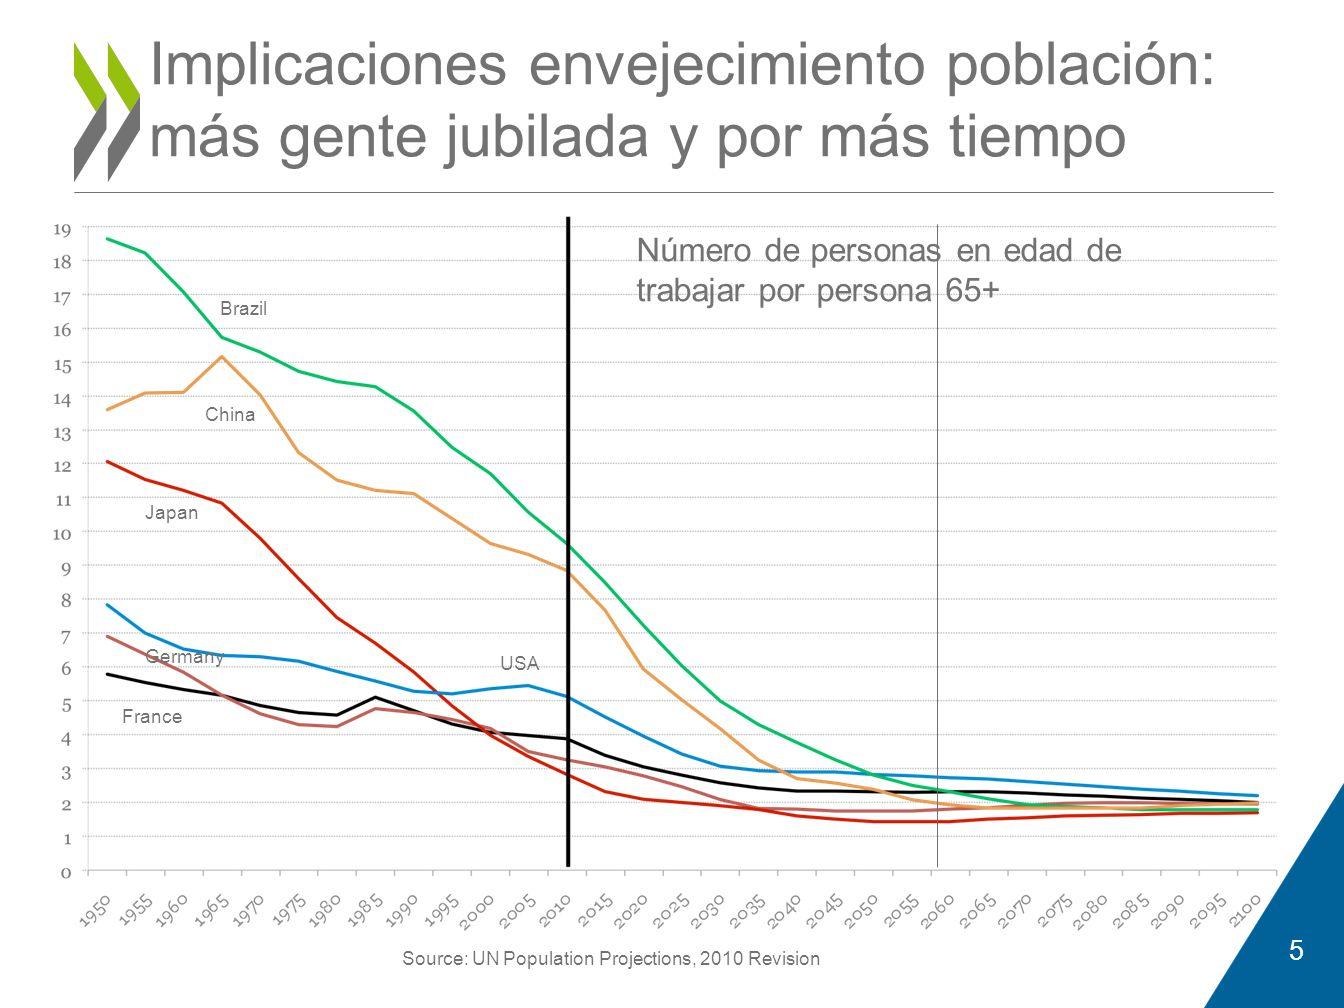 Implicaciones envejecimiento población: más gente jubilada y por más tiempo